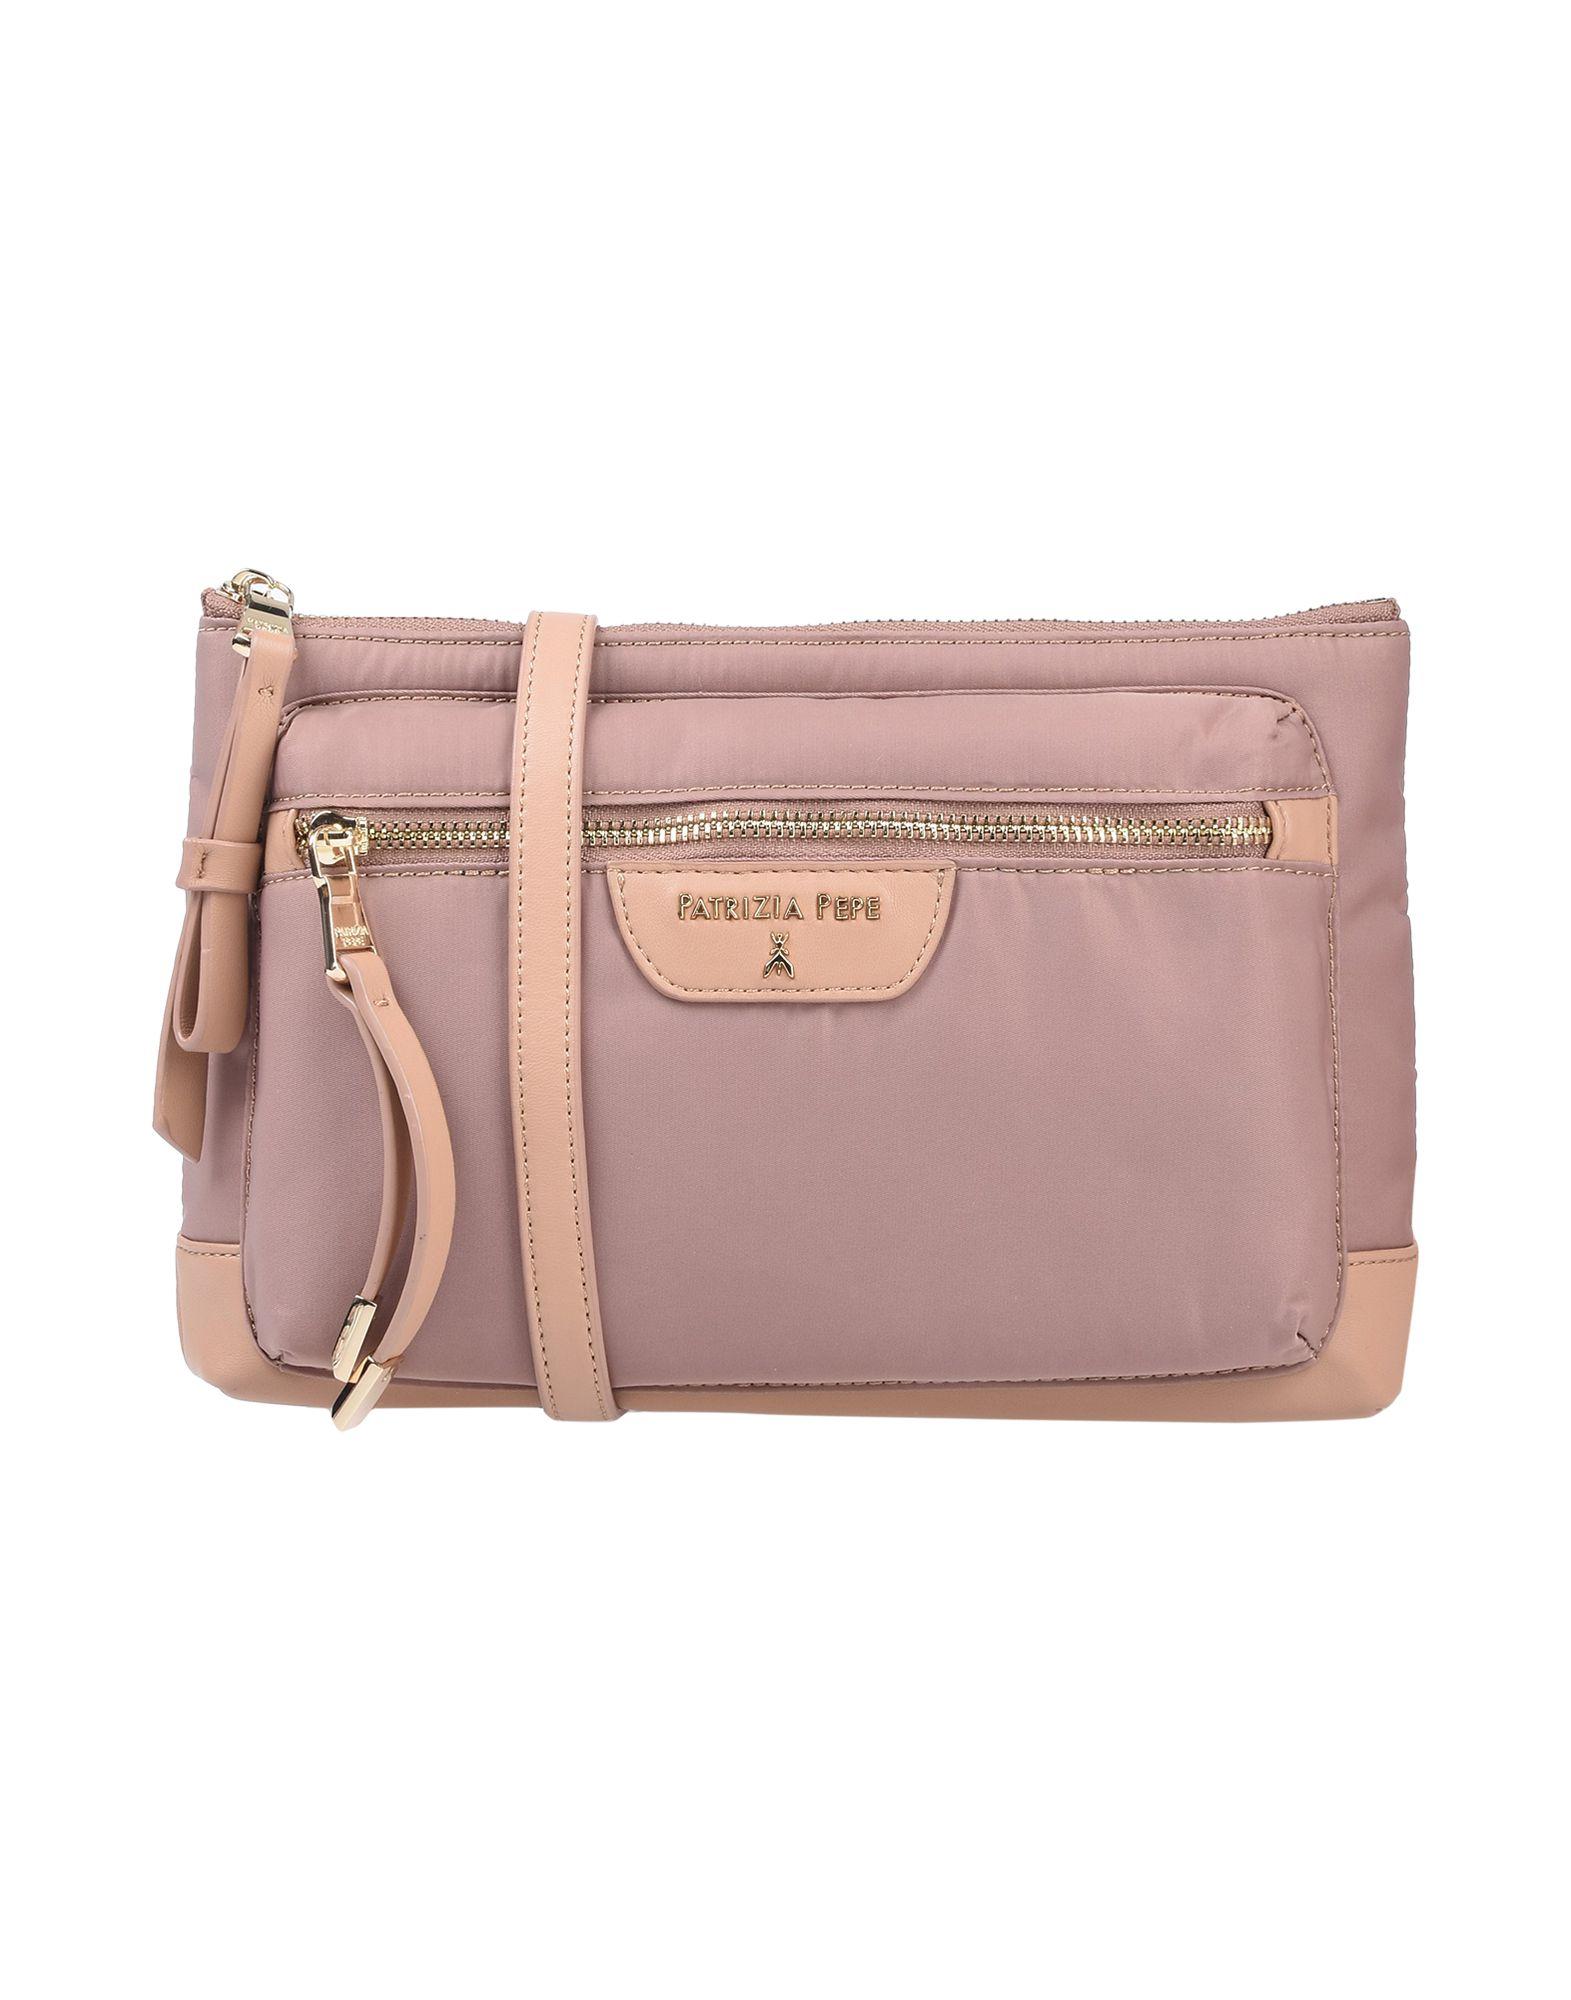 feger мужская сумка через плечо стоячий рюкзак спортивная сумка на поясе PATRIZIA PEPE Сумка через плечо